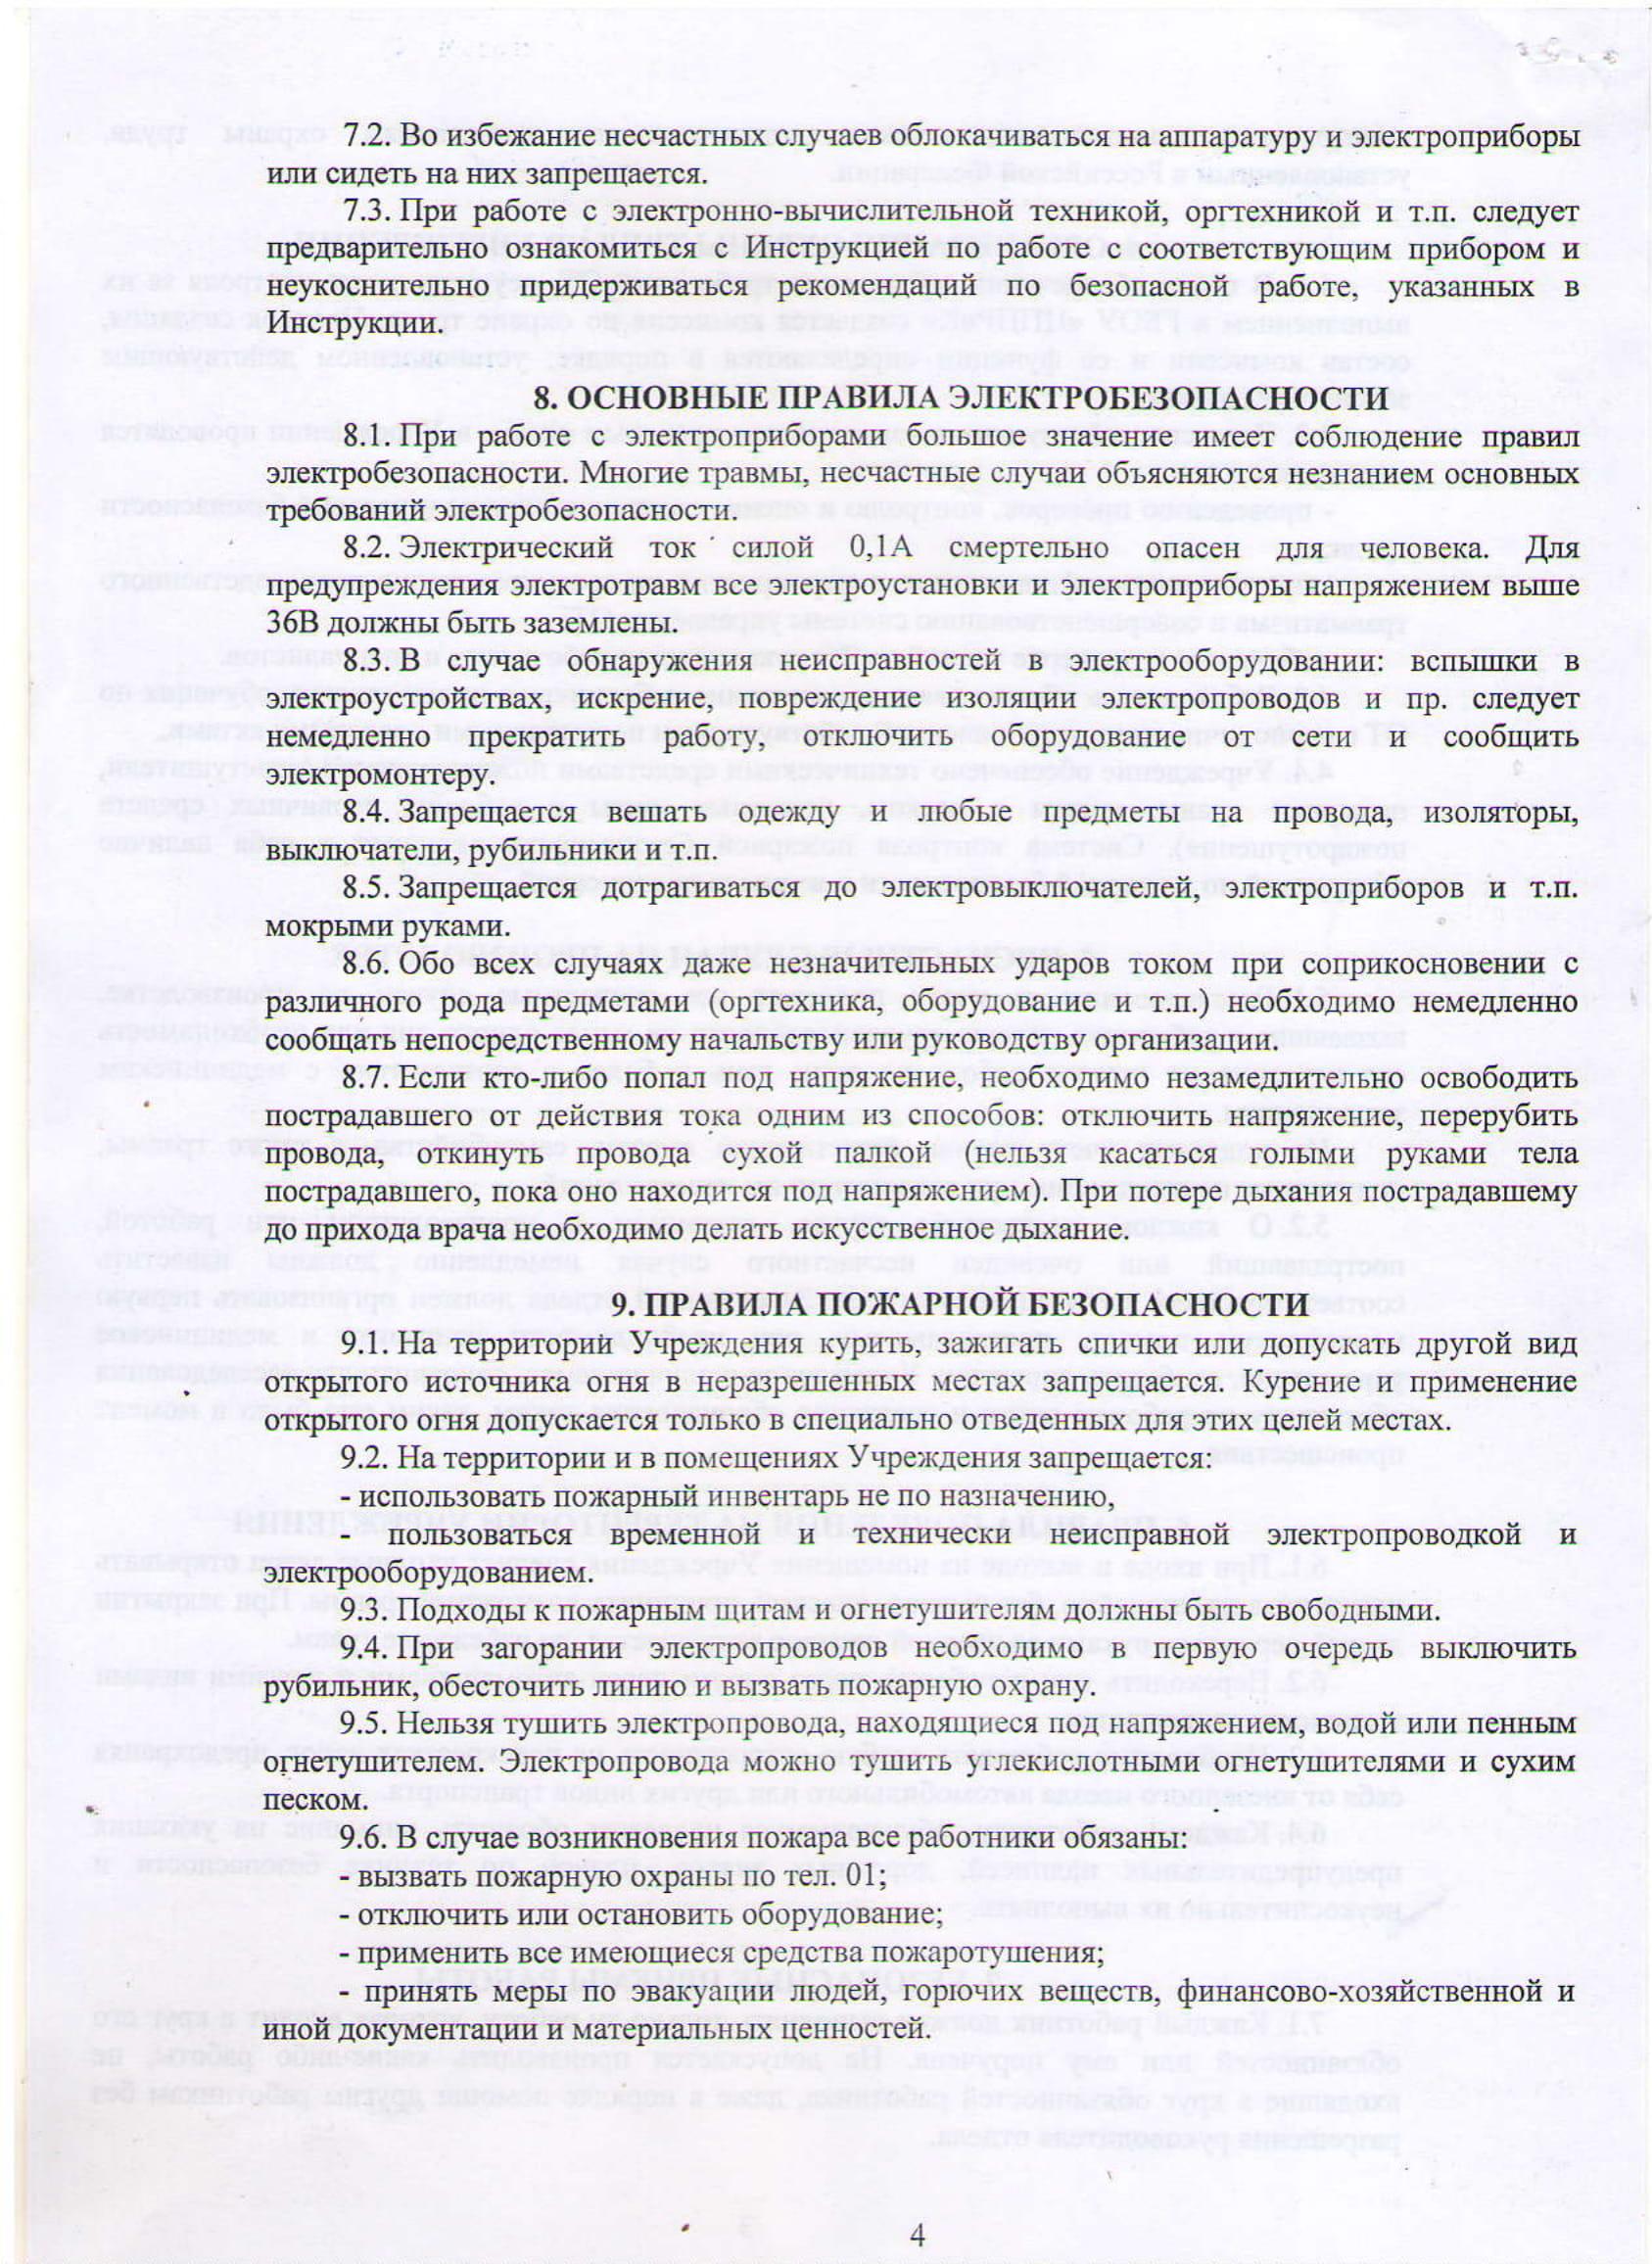 Положение об организации работы по охране труда и обеспечению безопасности образовательного процесса-4